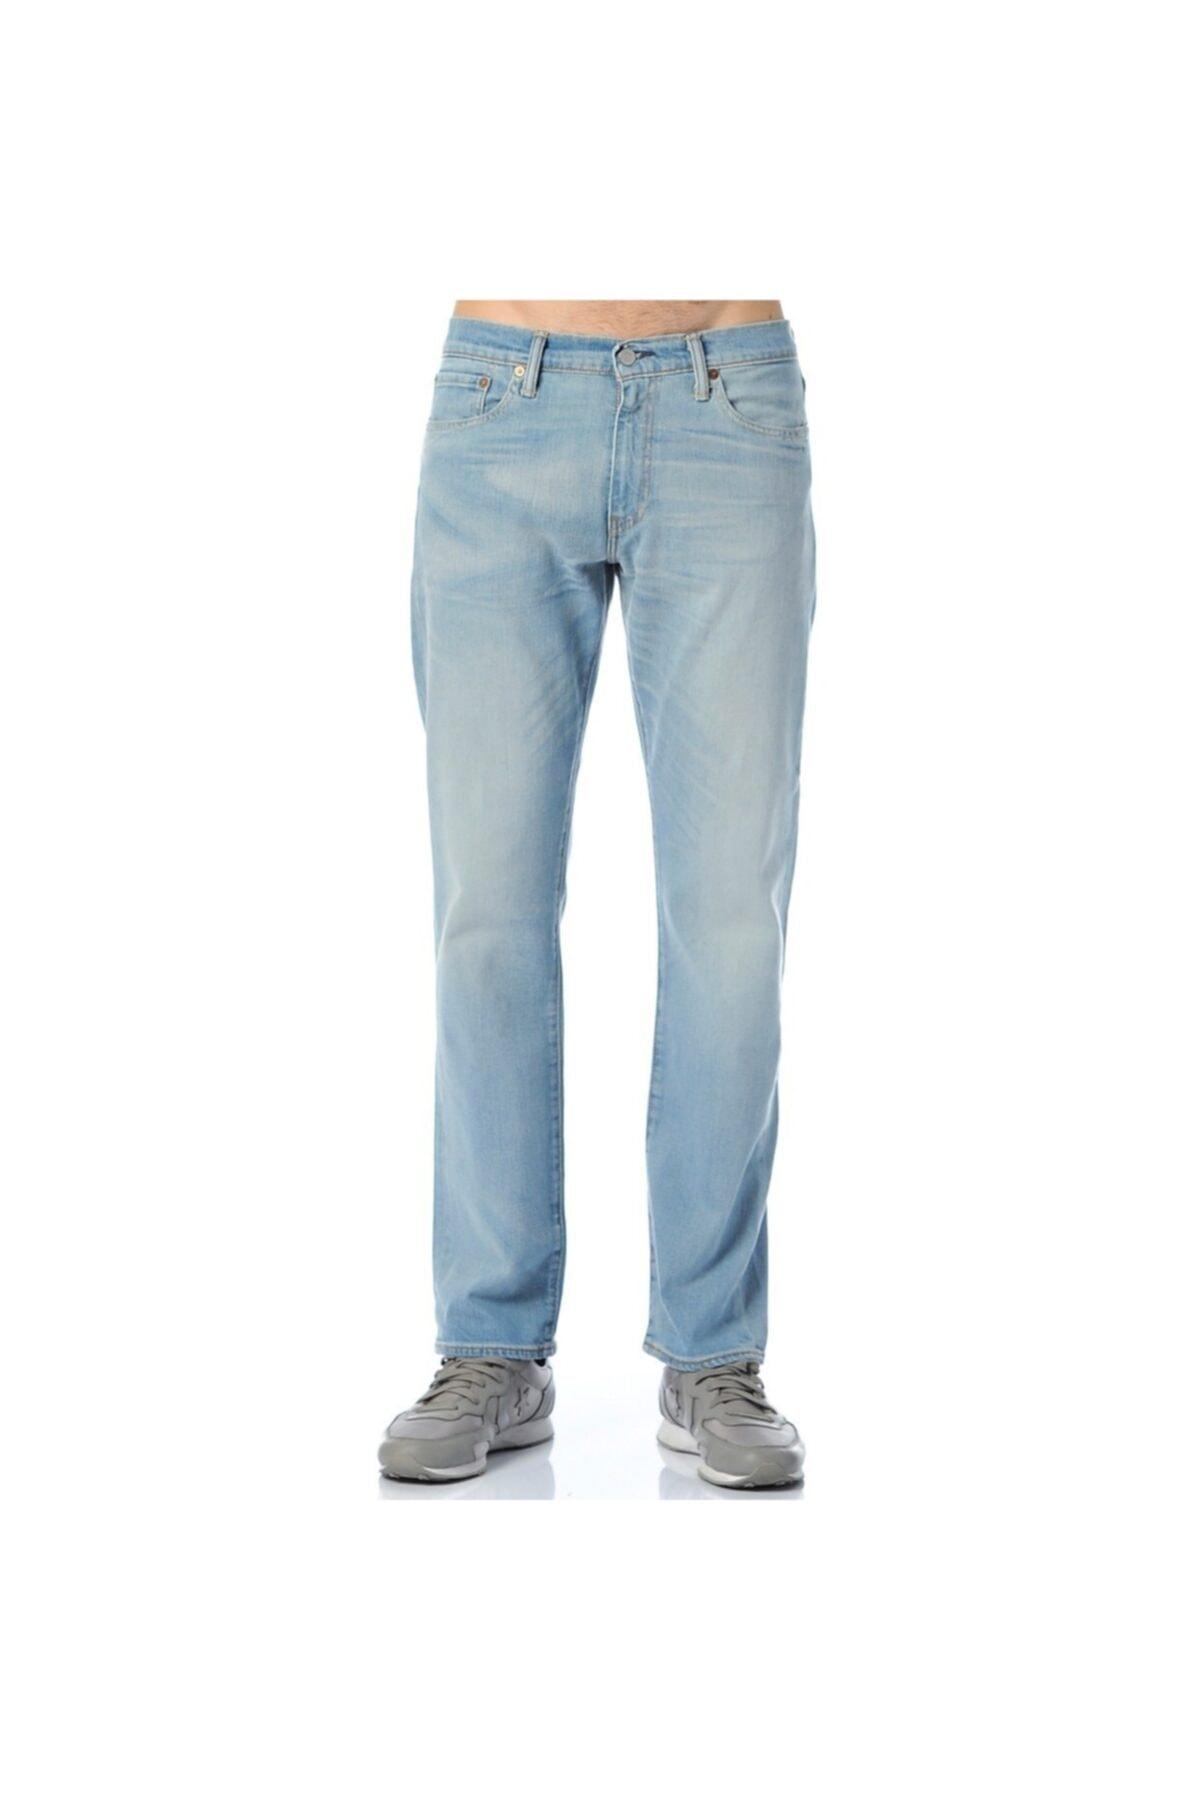 Levi's Erkek Renkli Pantolon 1